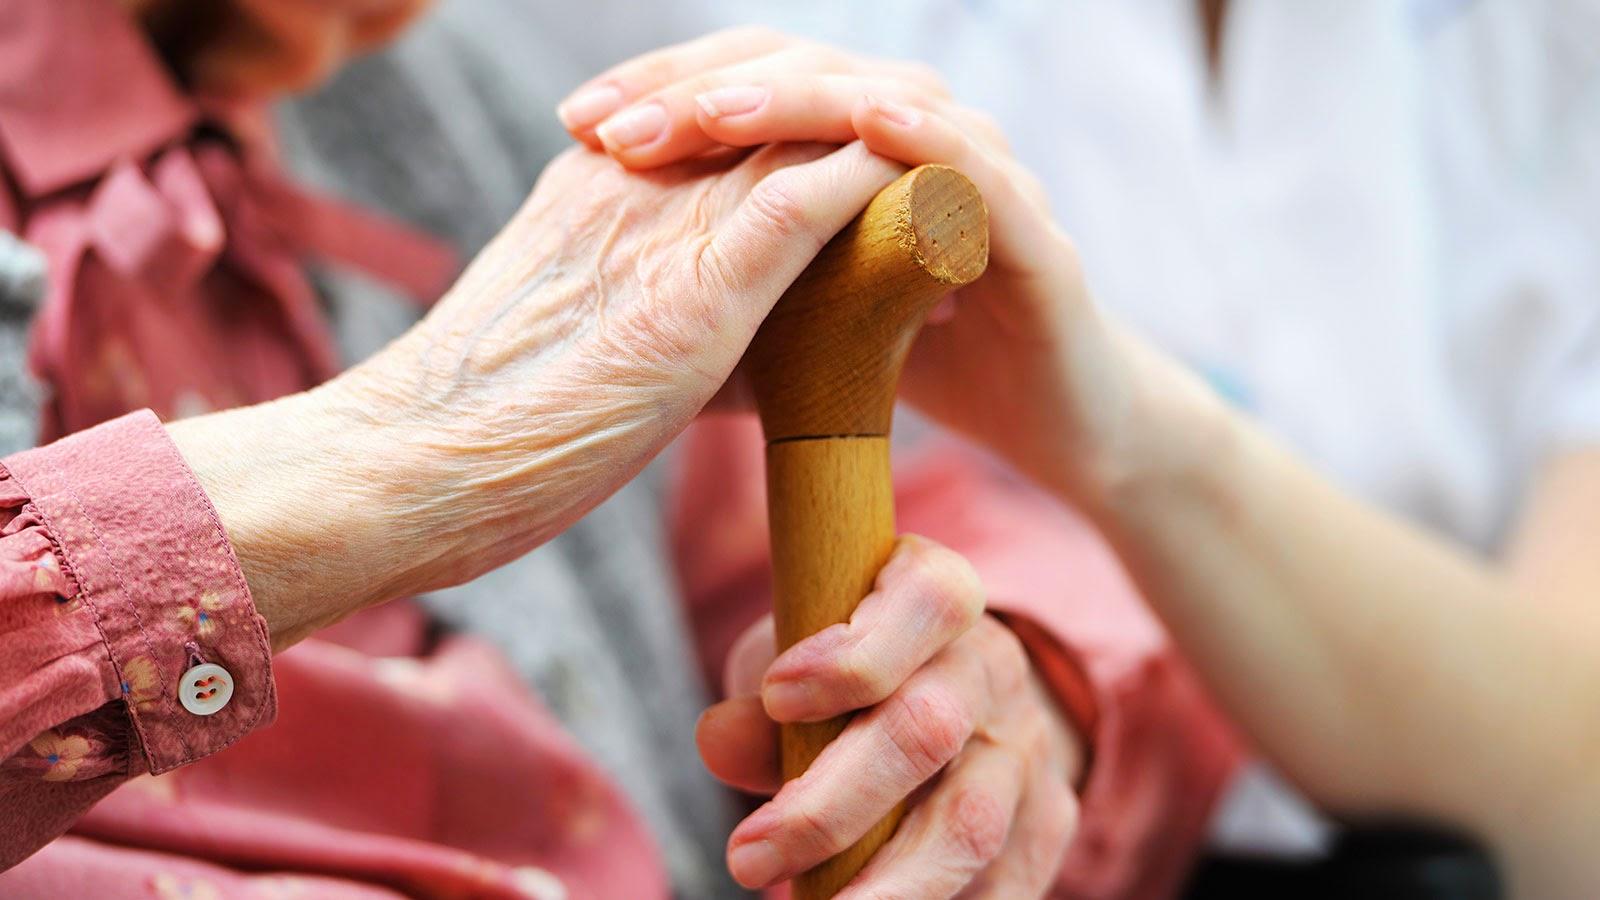 День спонтанної доброти: вінничани збиратимуть солодощі для стареньких